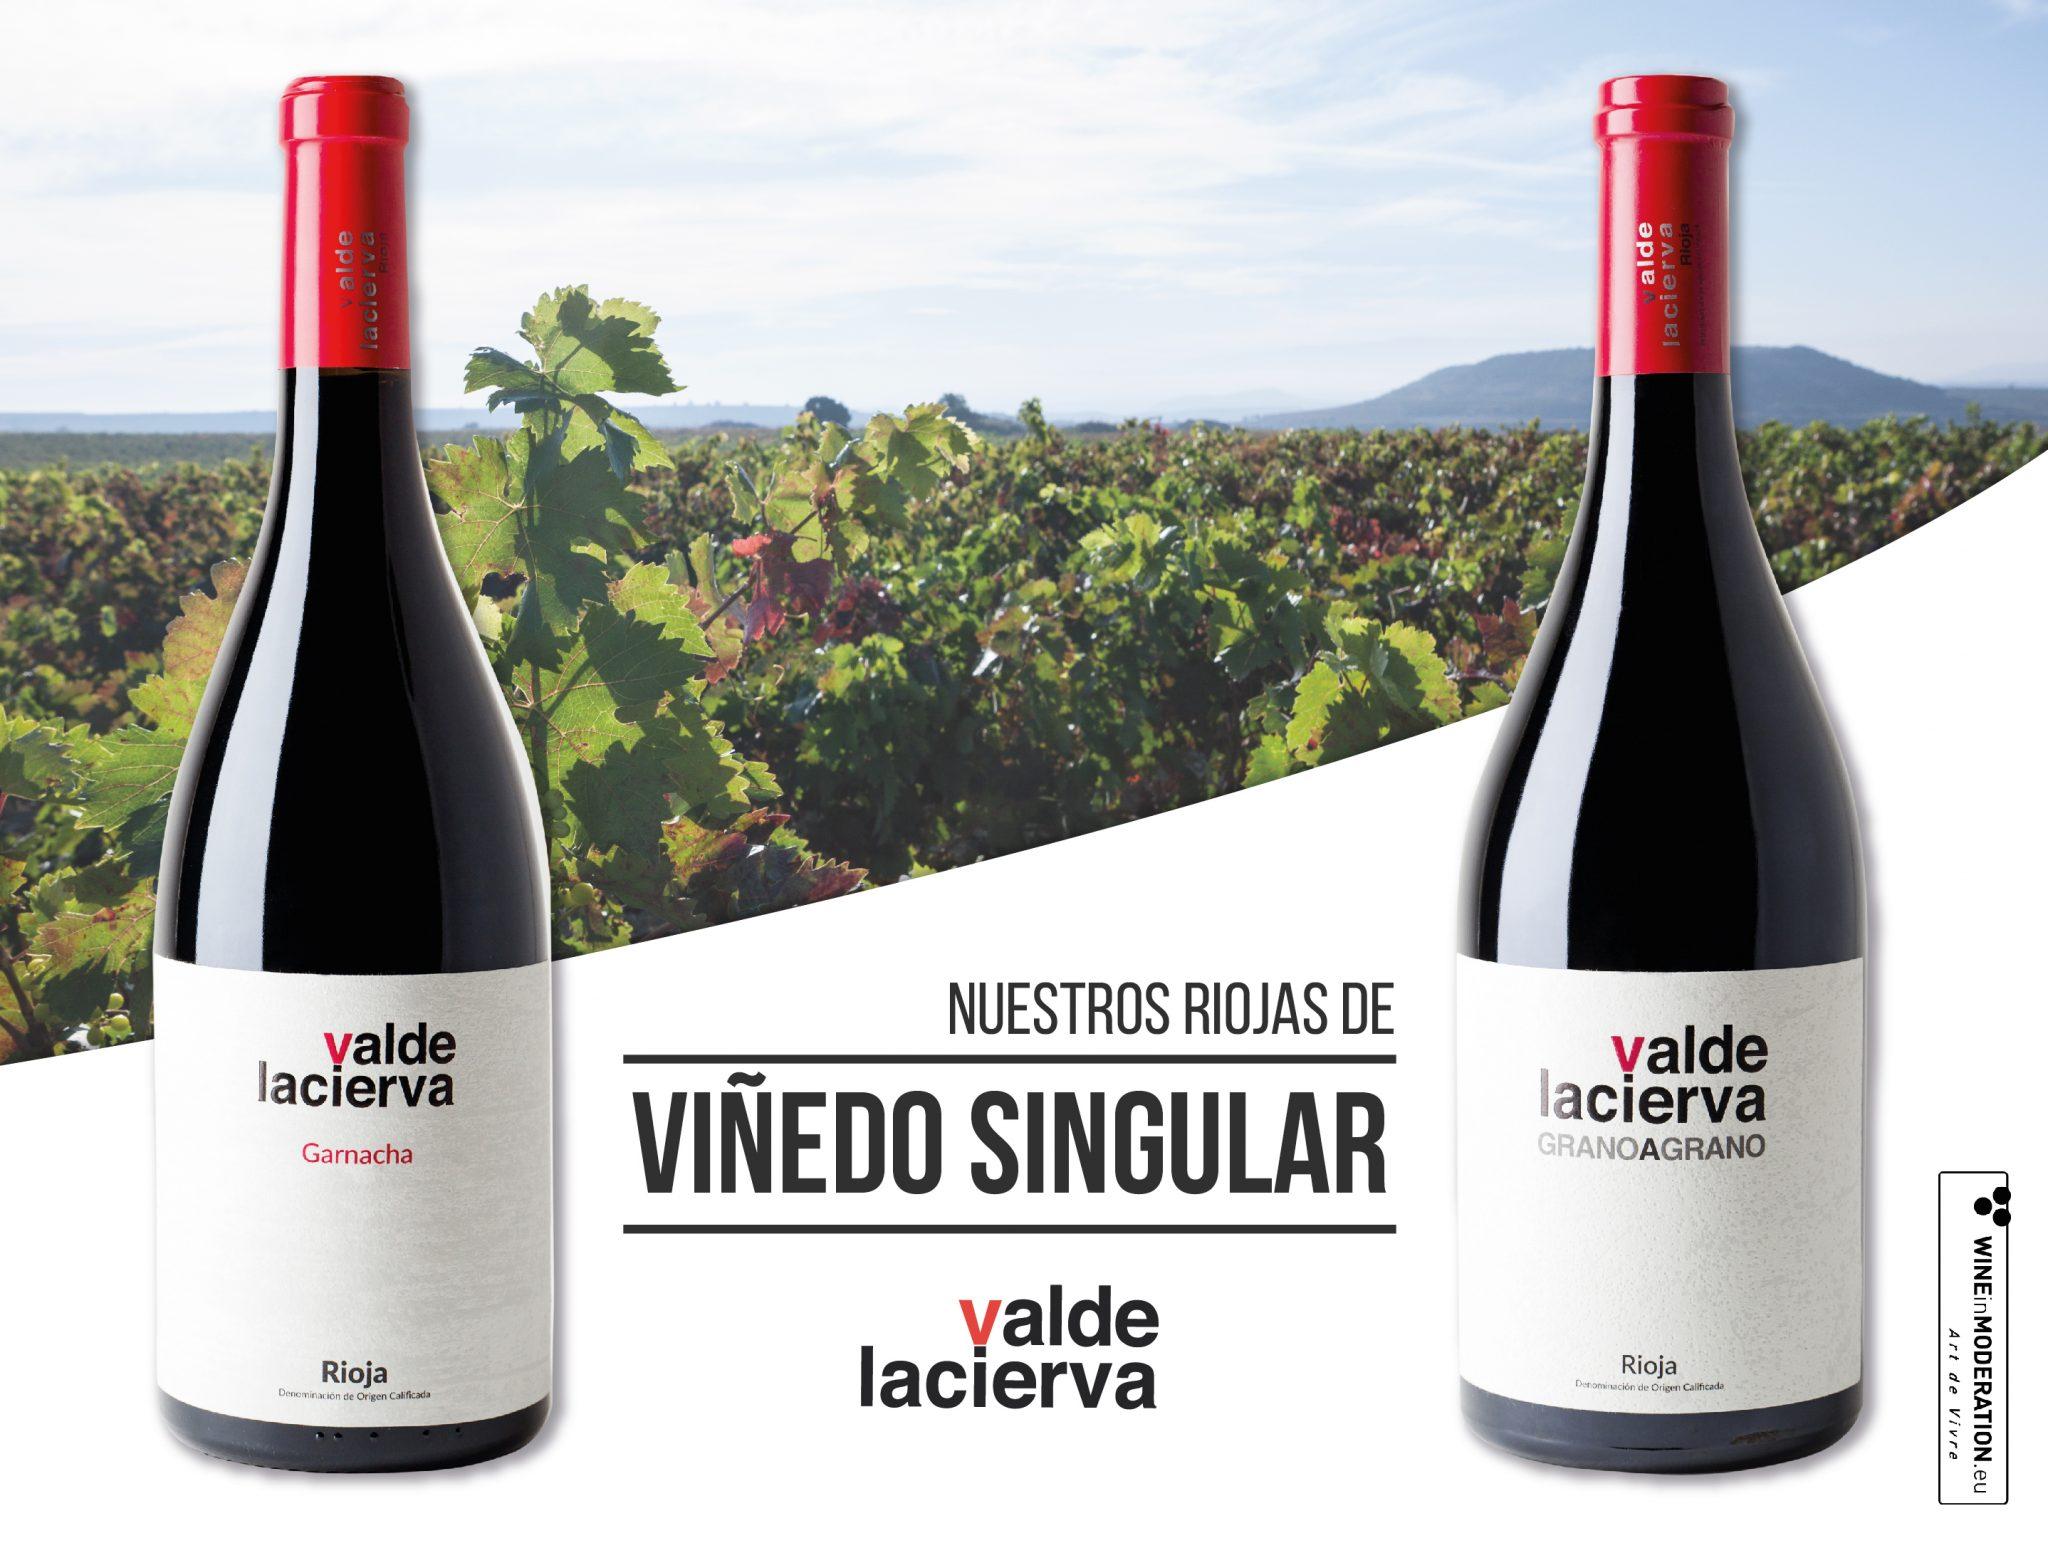 Valdelacierva Grano a Grano y Valdelacierva Garnacha son Viñedo Singular